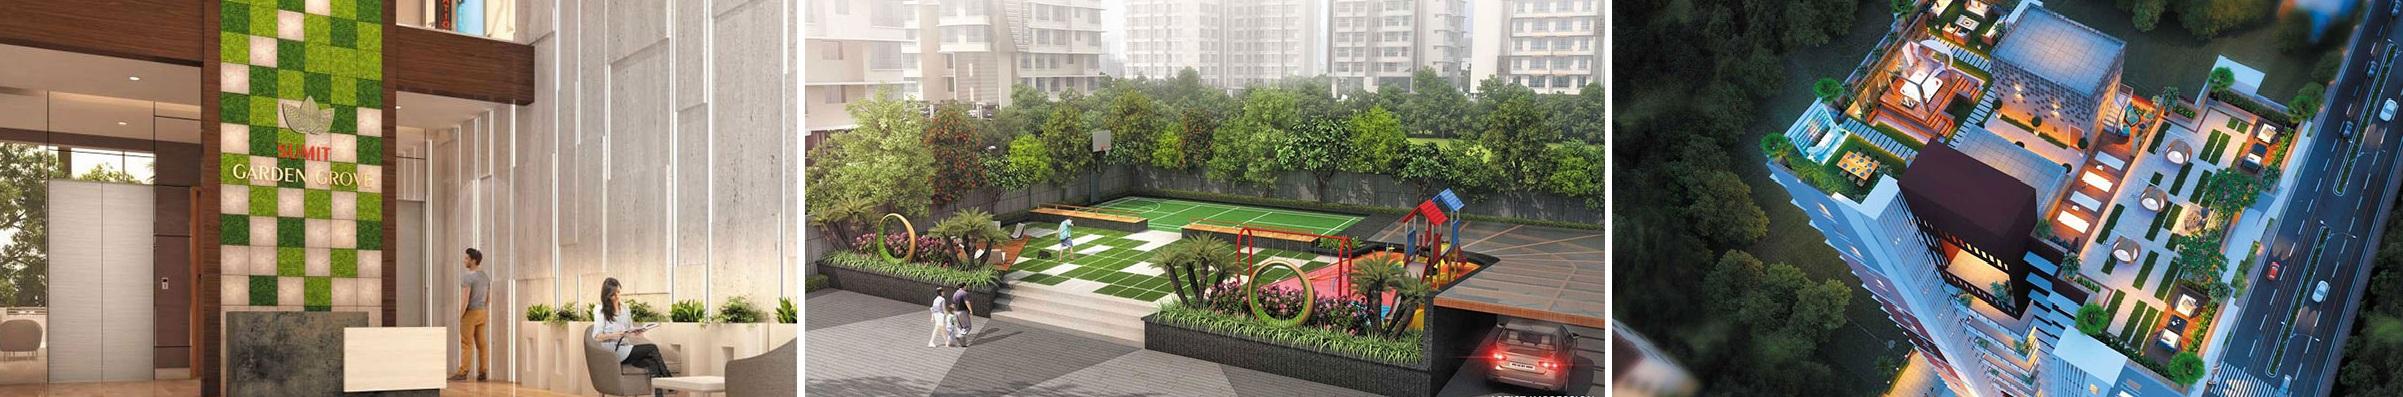 amenities-features-Picture-sumit-garden-groove-2167478